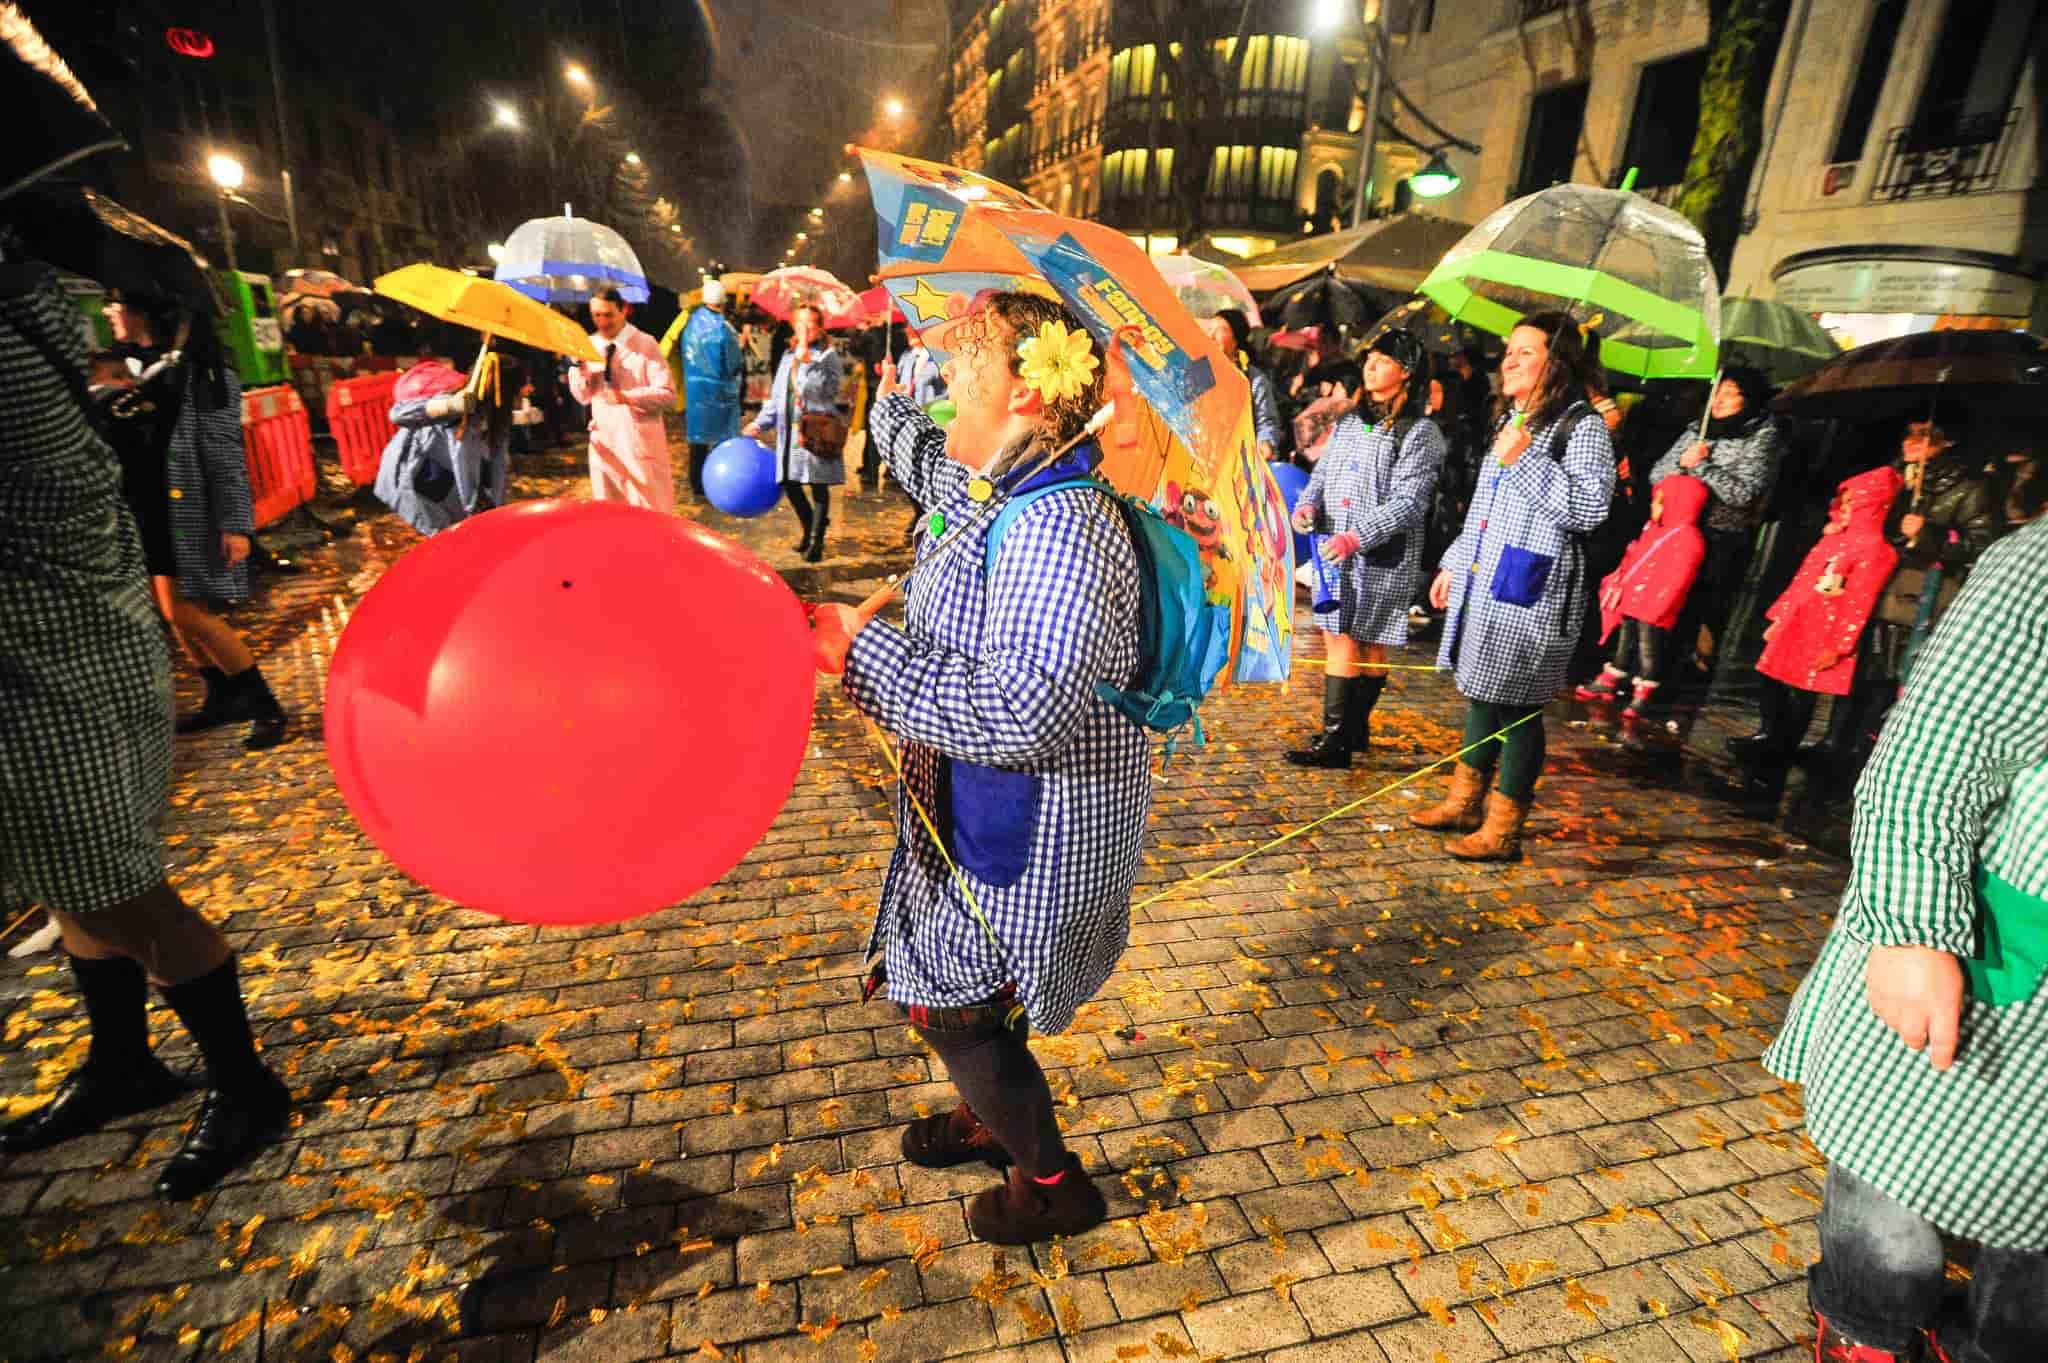 Los carnavales en Valencia son una tradición de escaso recorrido histórico, pero que cada año gana nuevos adeptos.